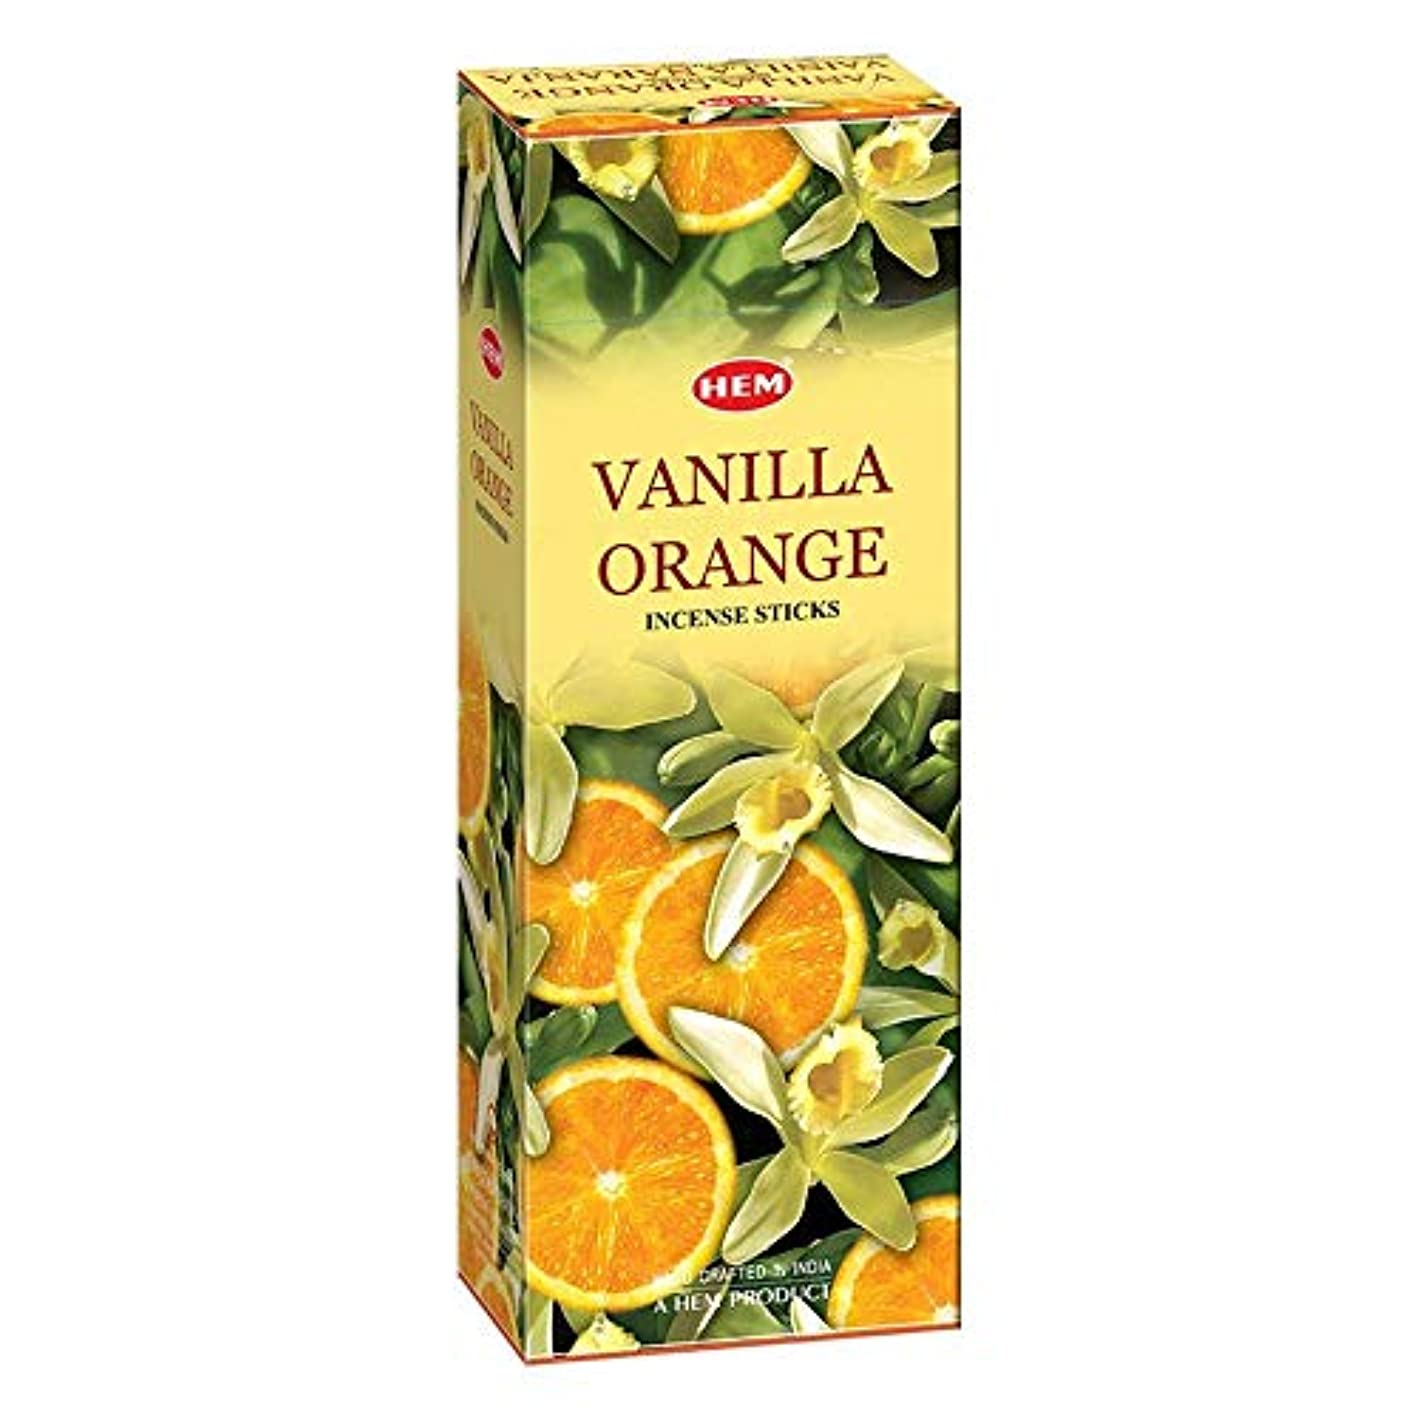 毒液ヒステリック専門Hem Vanilla Orange Incense Sticks (9.3 cm X 6.0 cm X 25.5cm, Black)